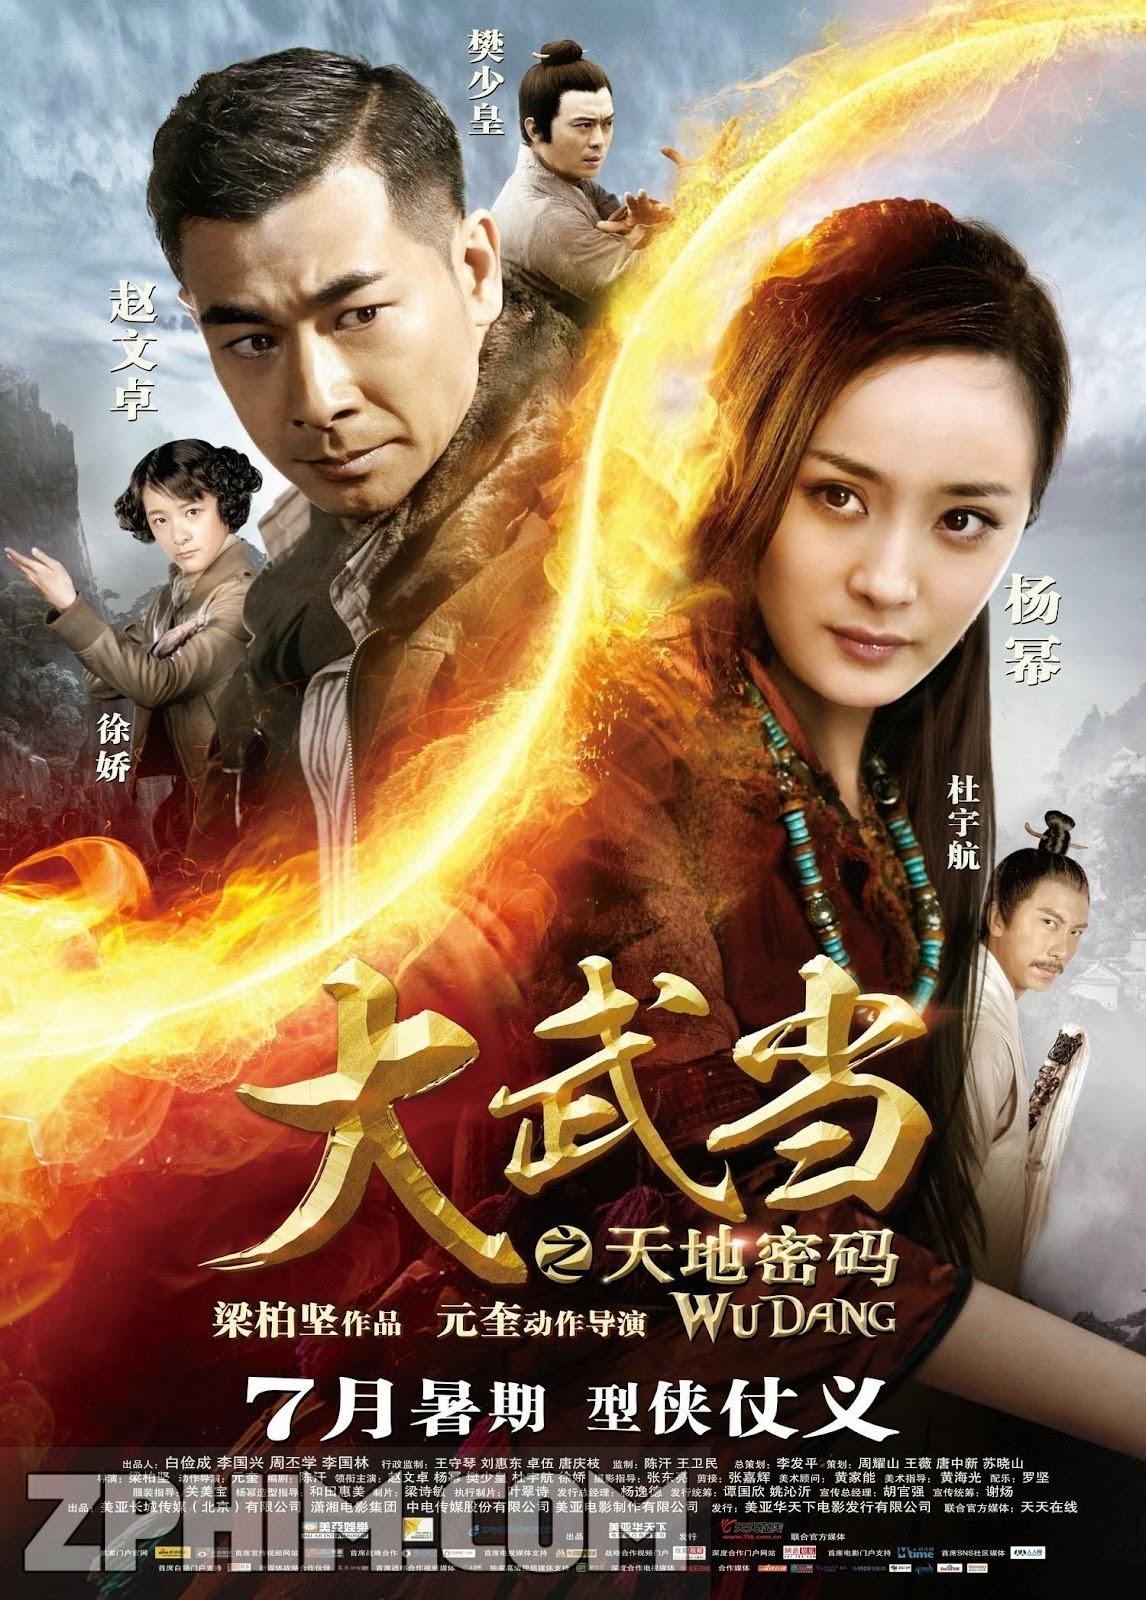 Võ Đang Thất Bảo - Wu Dang (2012) Poster